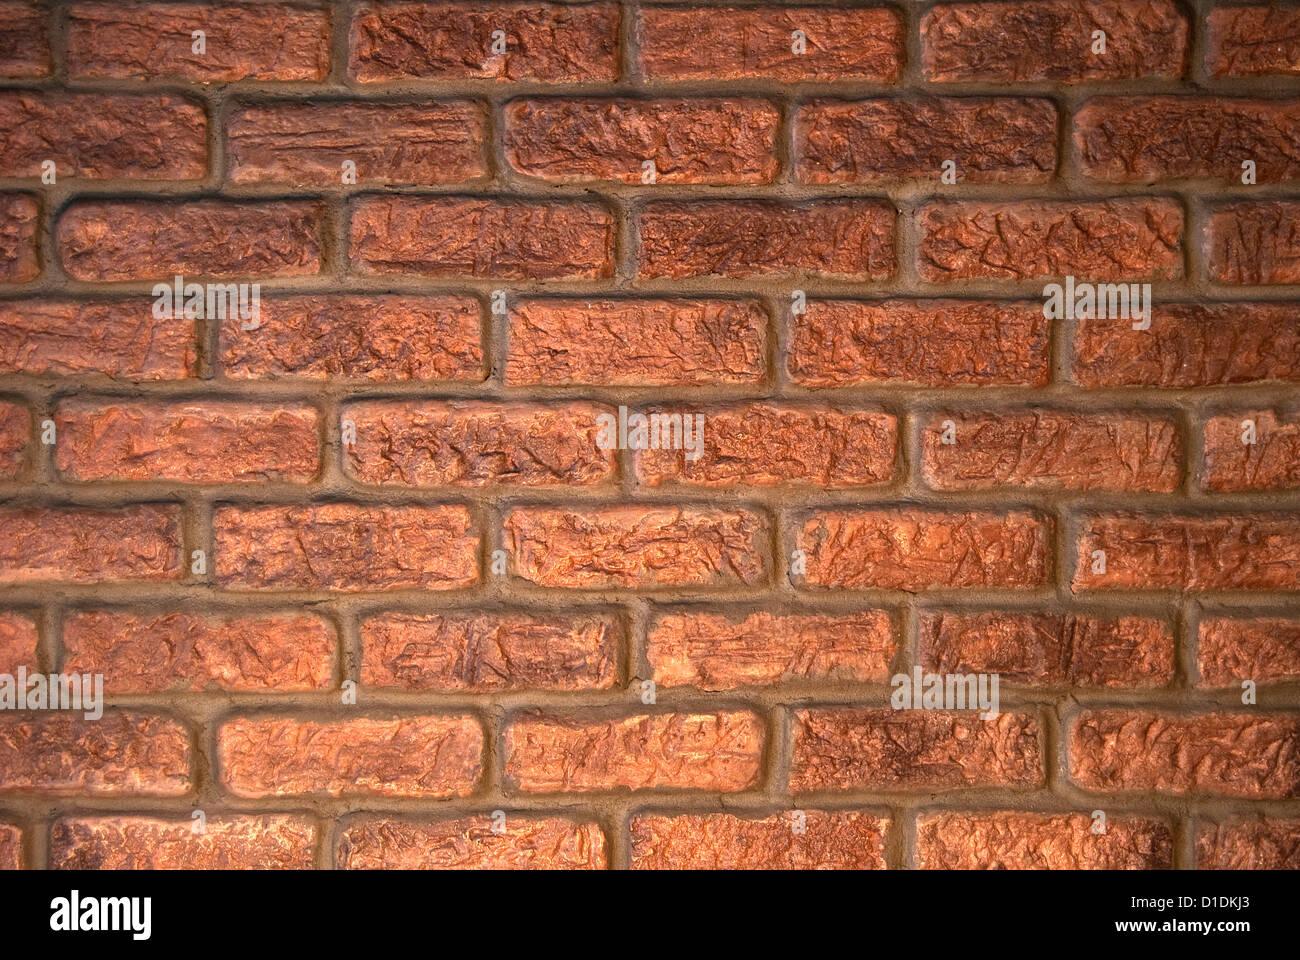 Muro de ladrillo caravista stock photo 52546539 alamy - Ladrillo visto precio ...